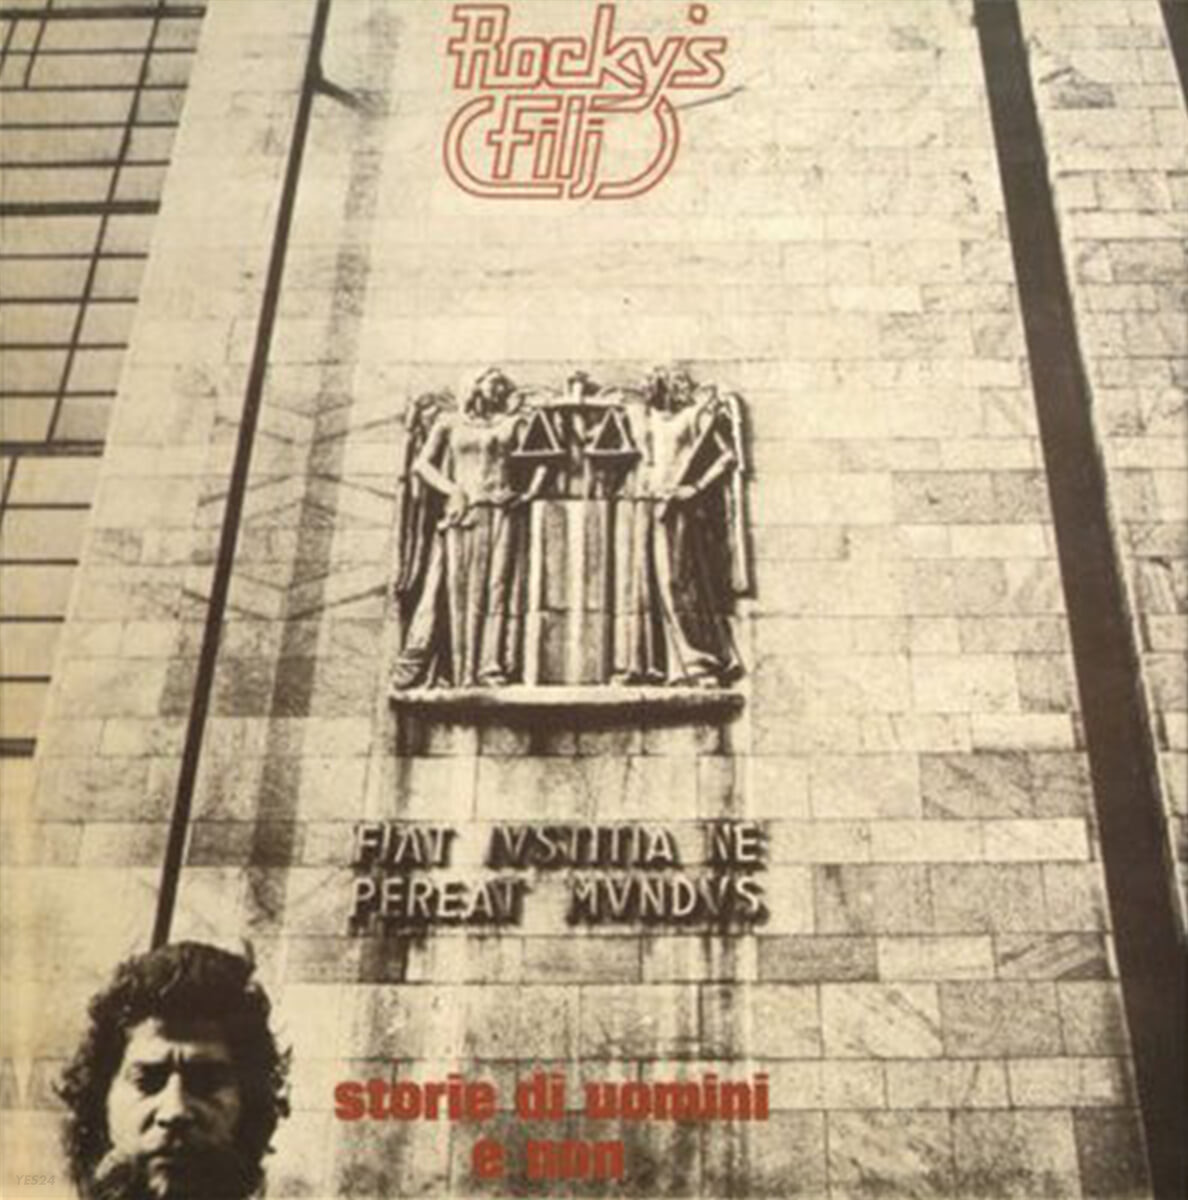 Rocky's Filj (로키즈 필제이) - Storie Di Uomini E Non [LP]